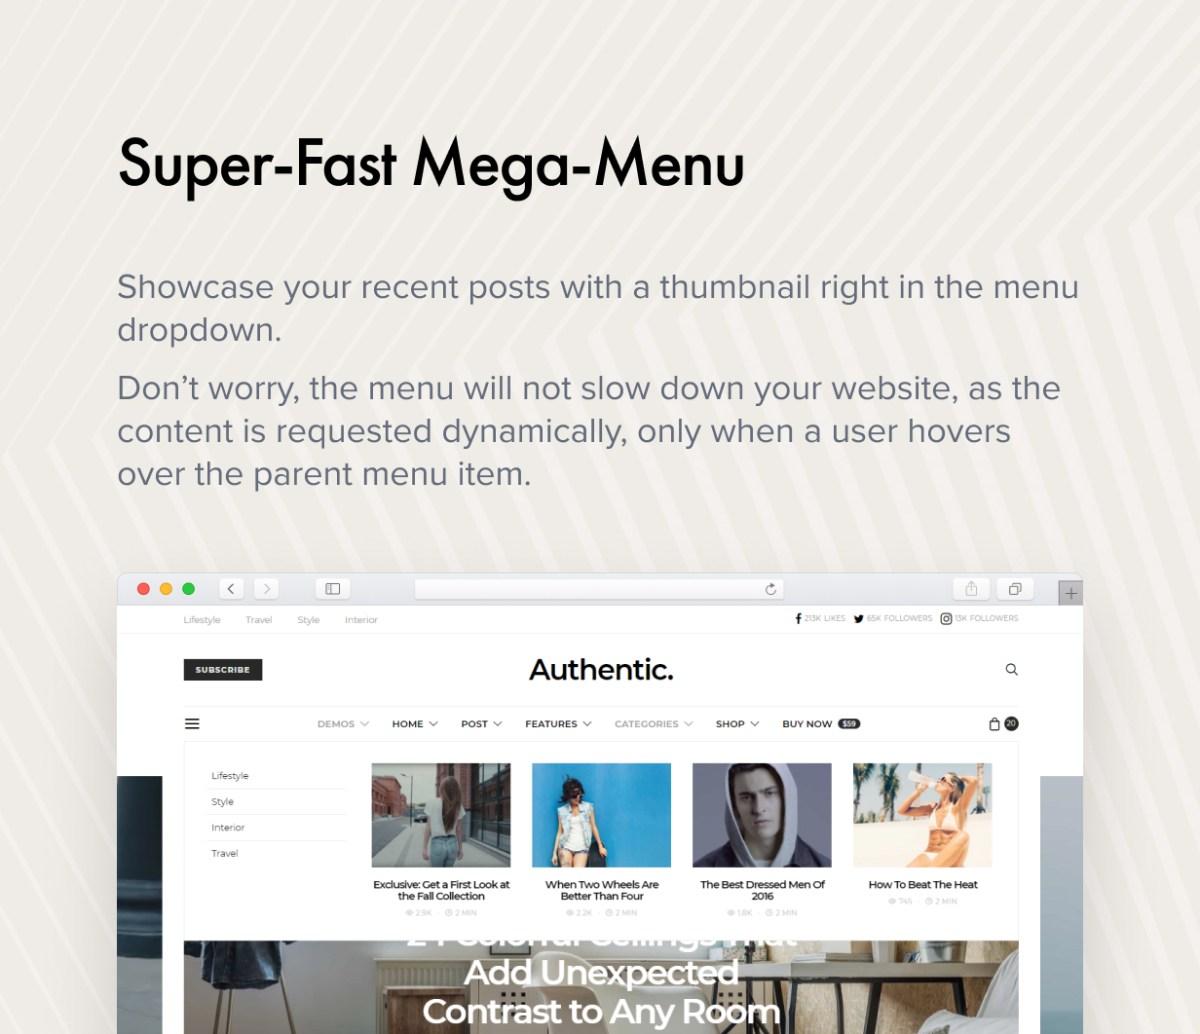 Super-Fast Mega-Menu